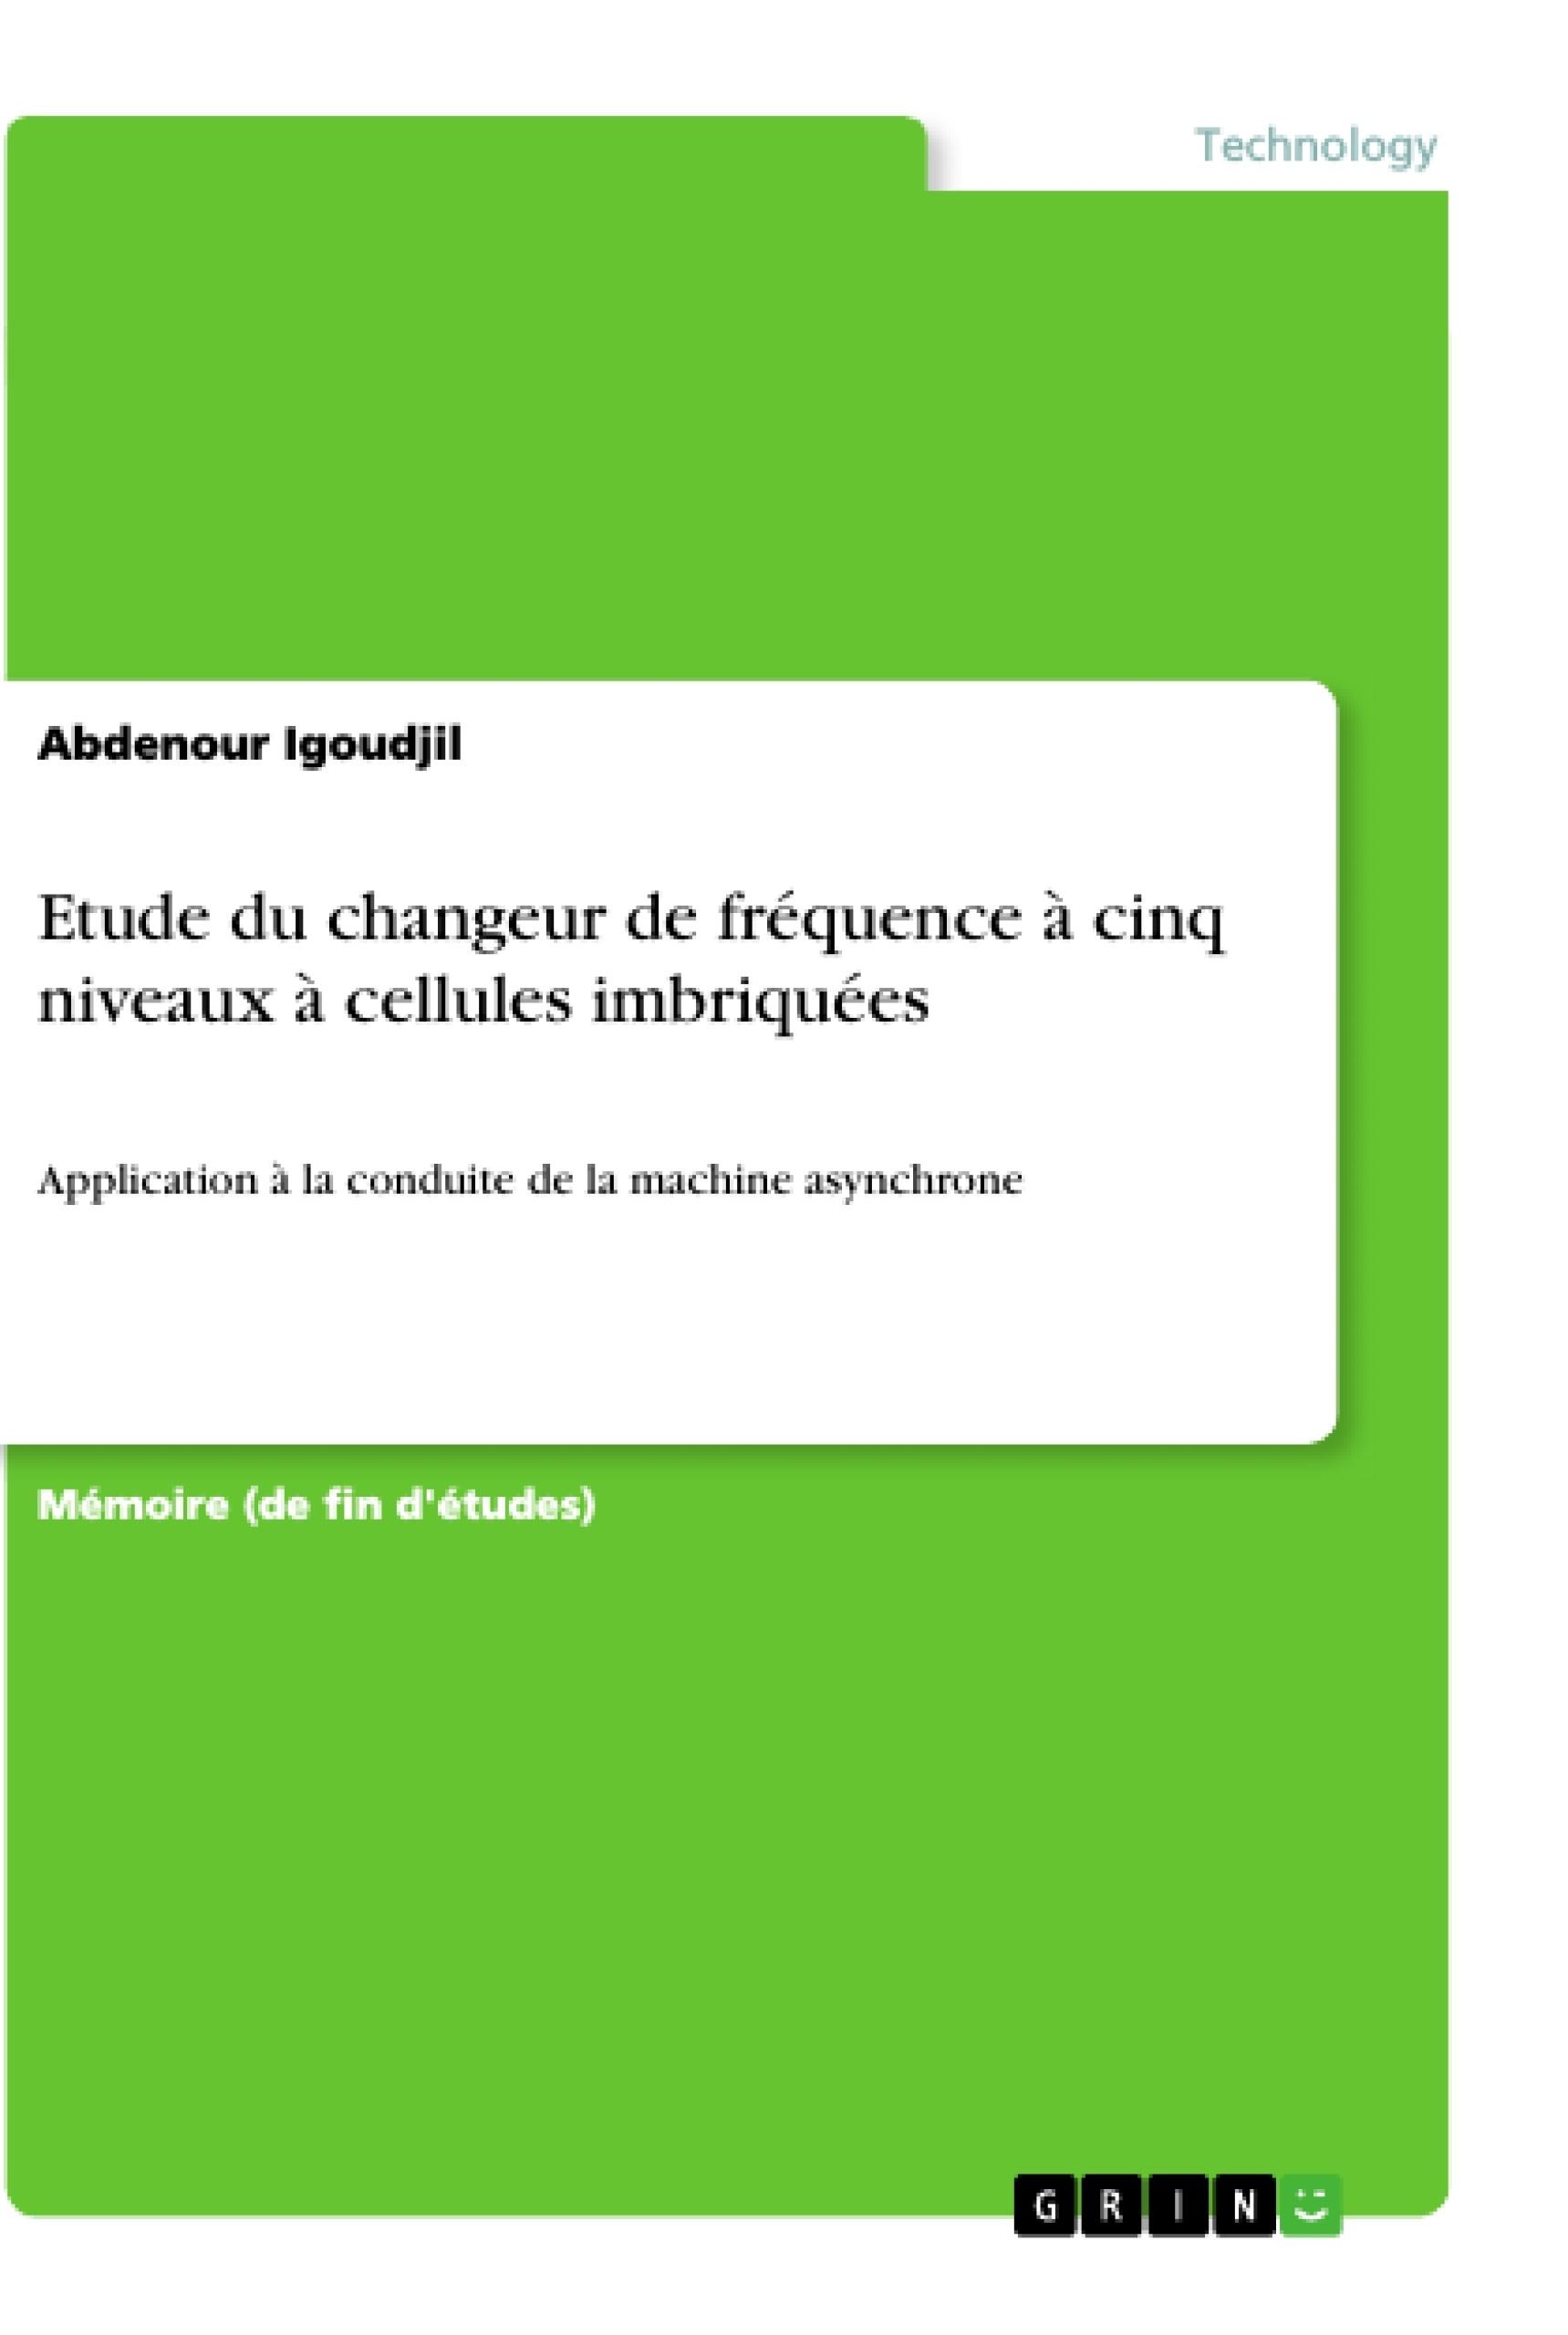 Titre: Etude du changeur de fréquence à cinq niveaux à cellules imbriquées